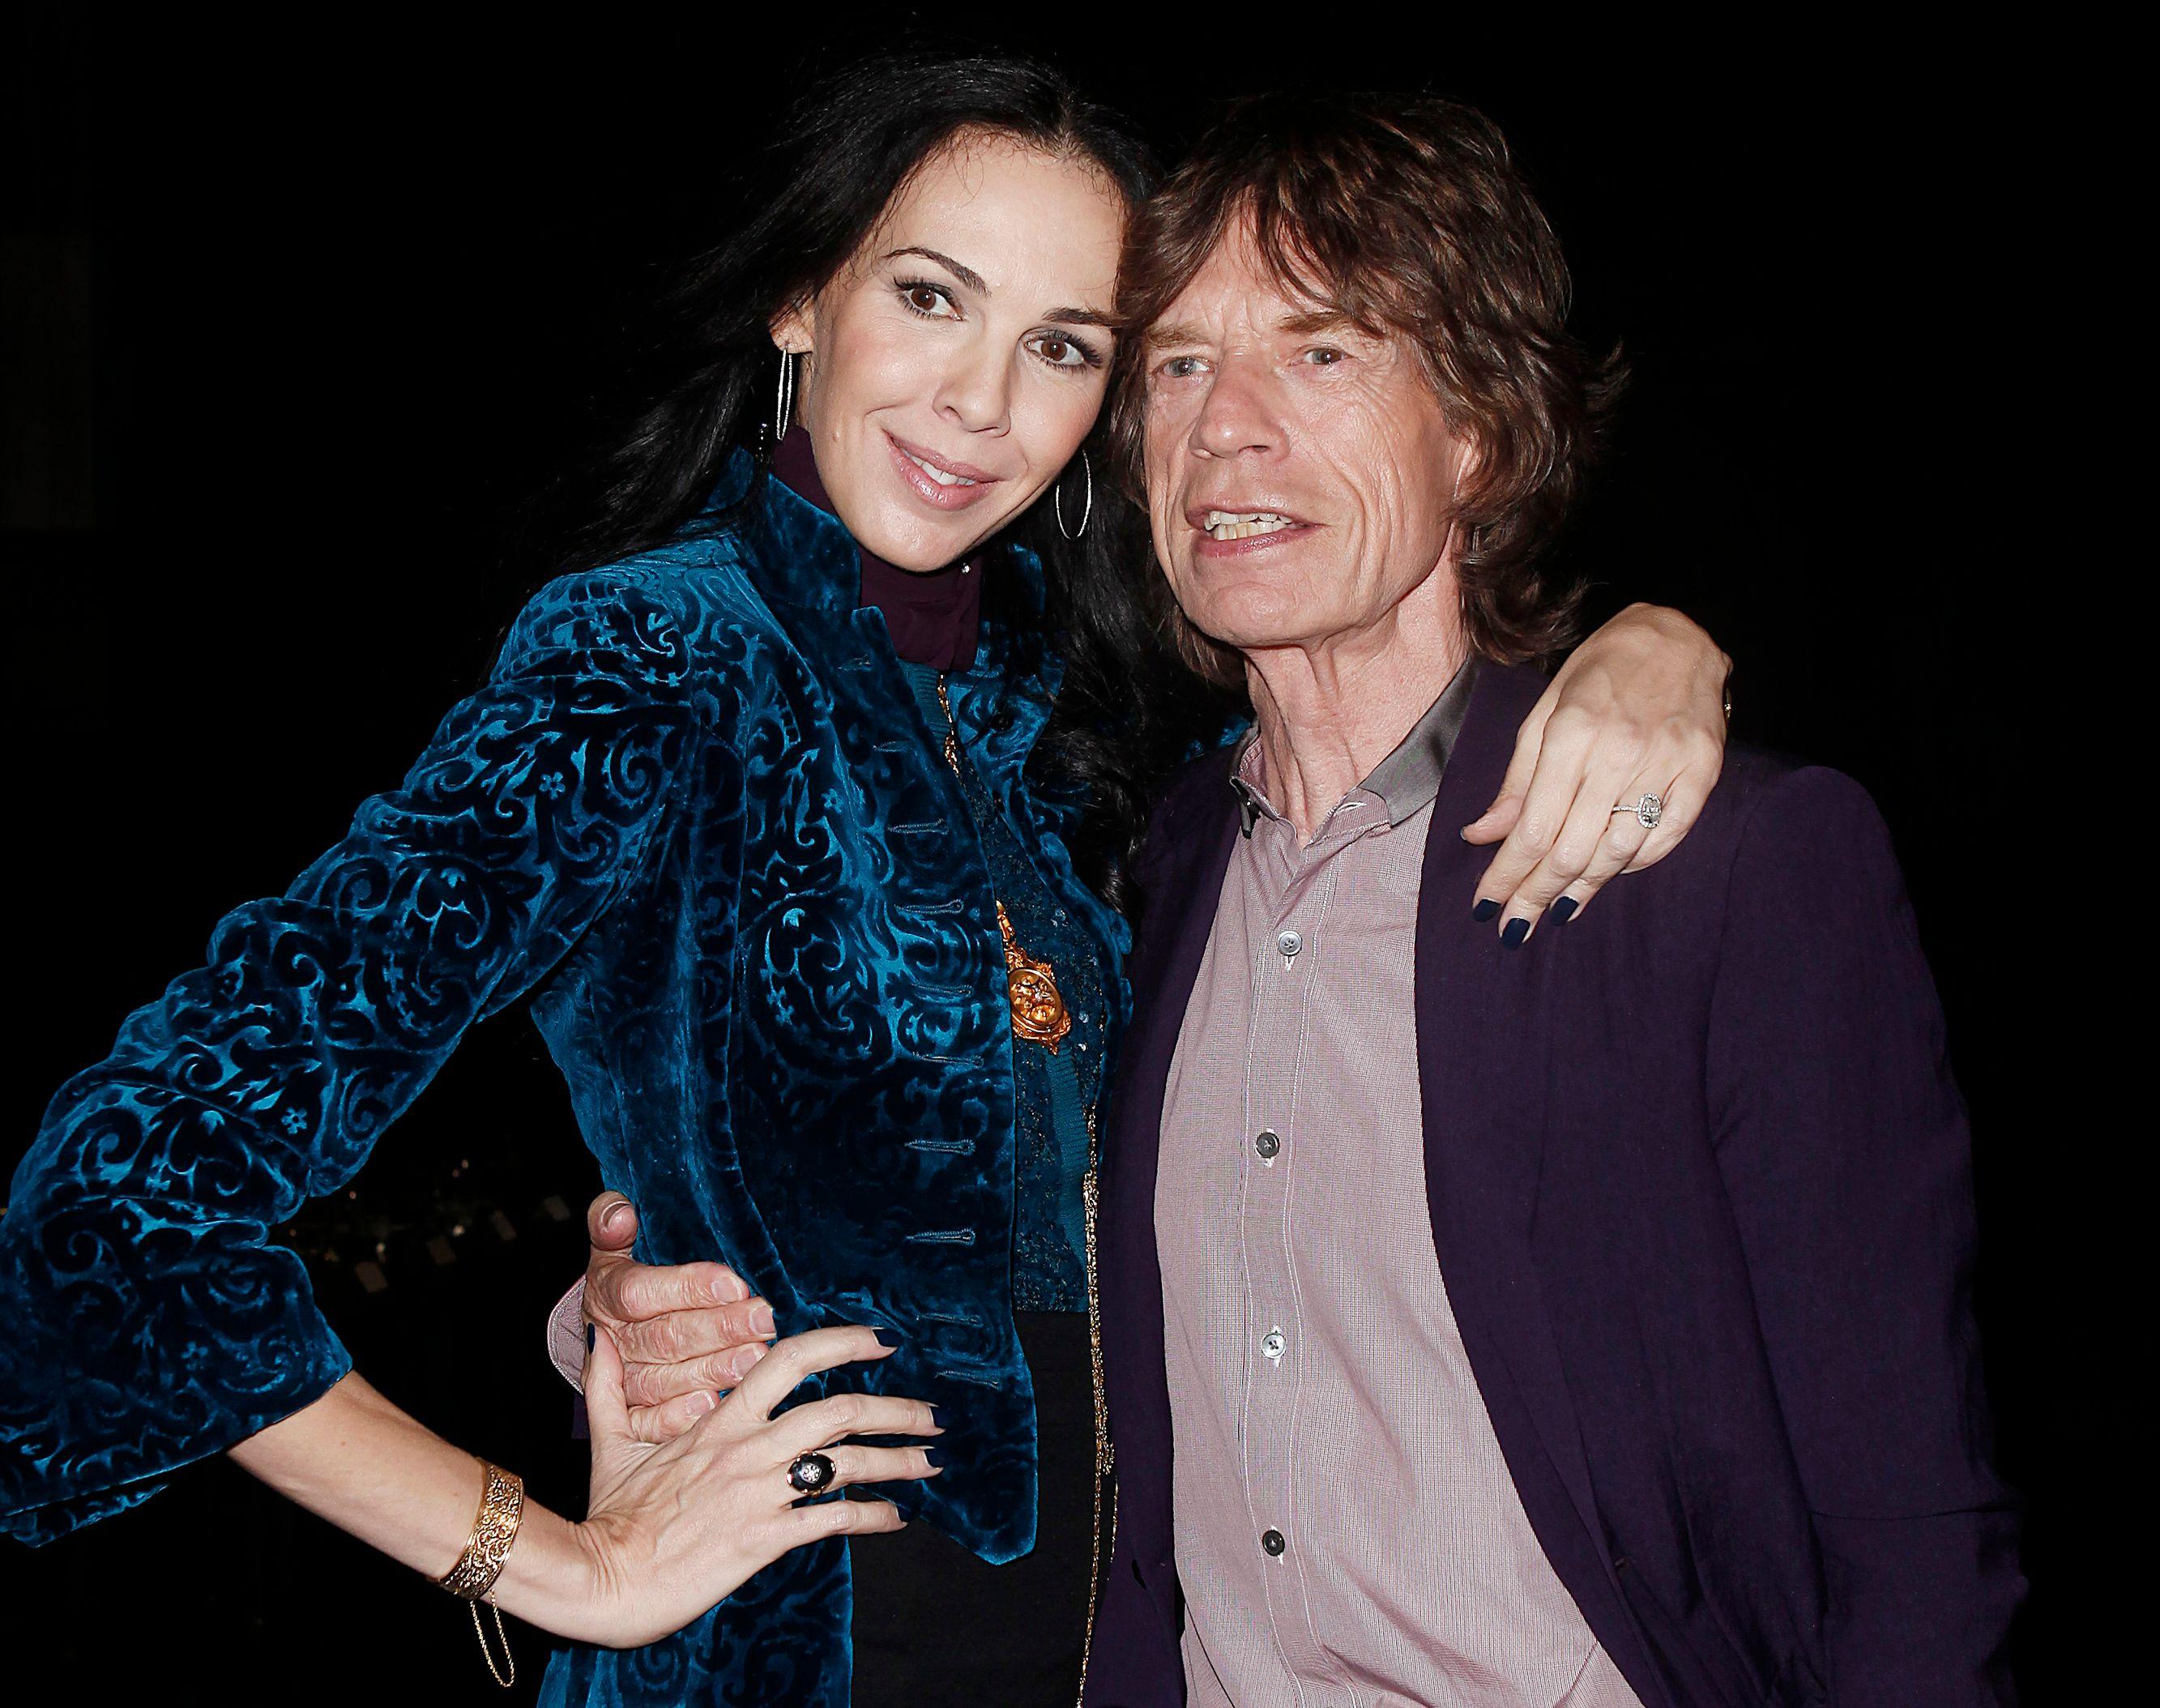 L'Wren Scott et Mick Jagger